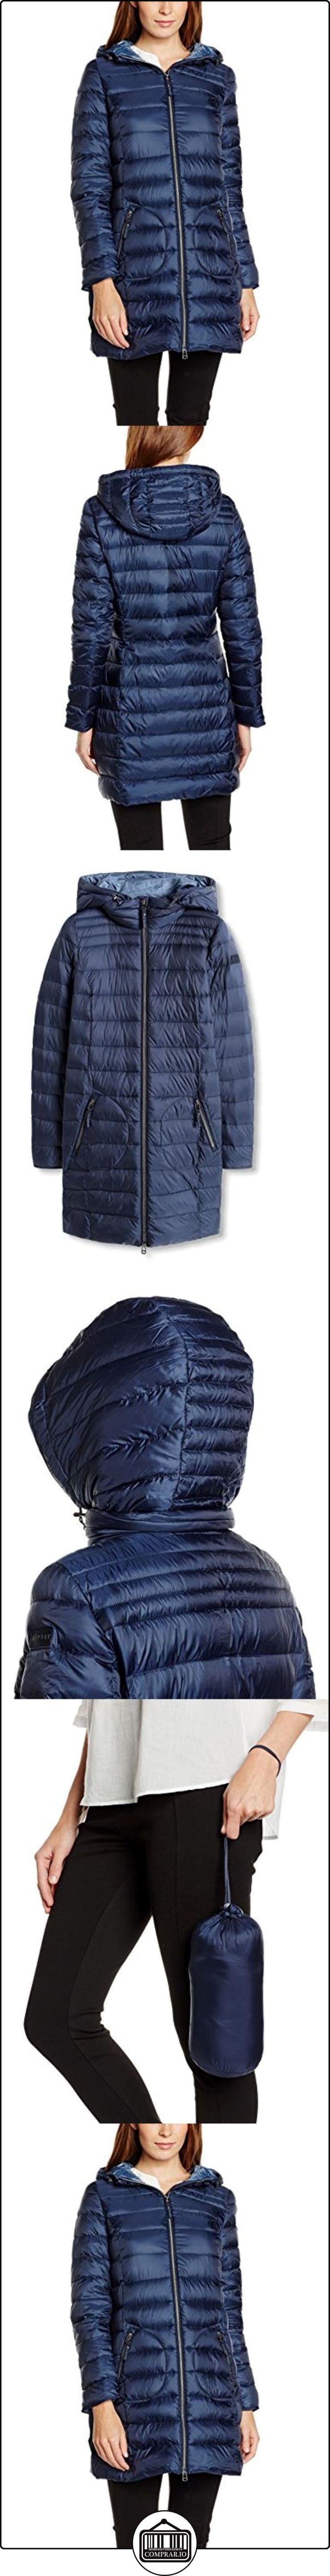 ESPRIT 076EE1G004, Abrigo Mujer, Azul (NAVY), 34  ✿ Abrigos y chaquetas ✿